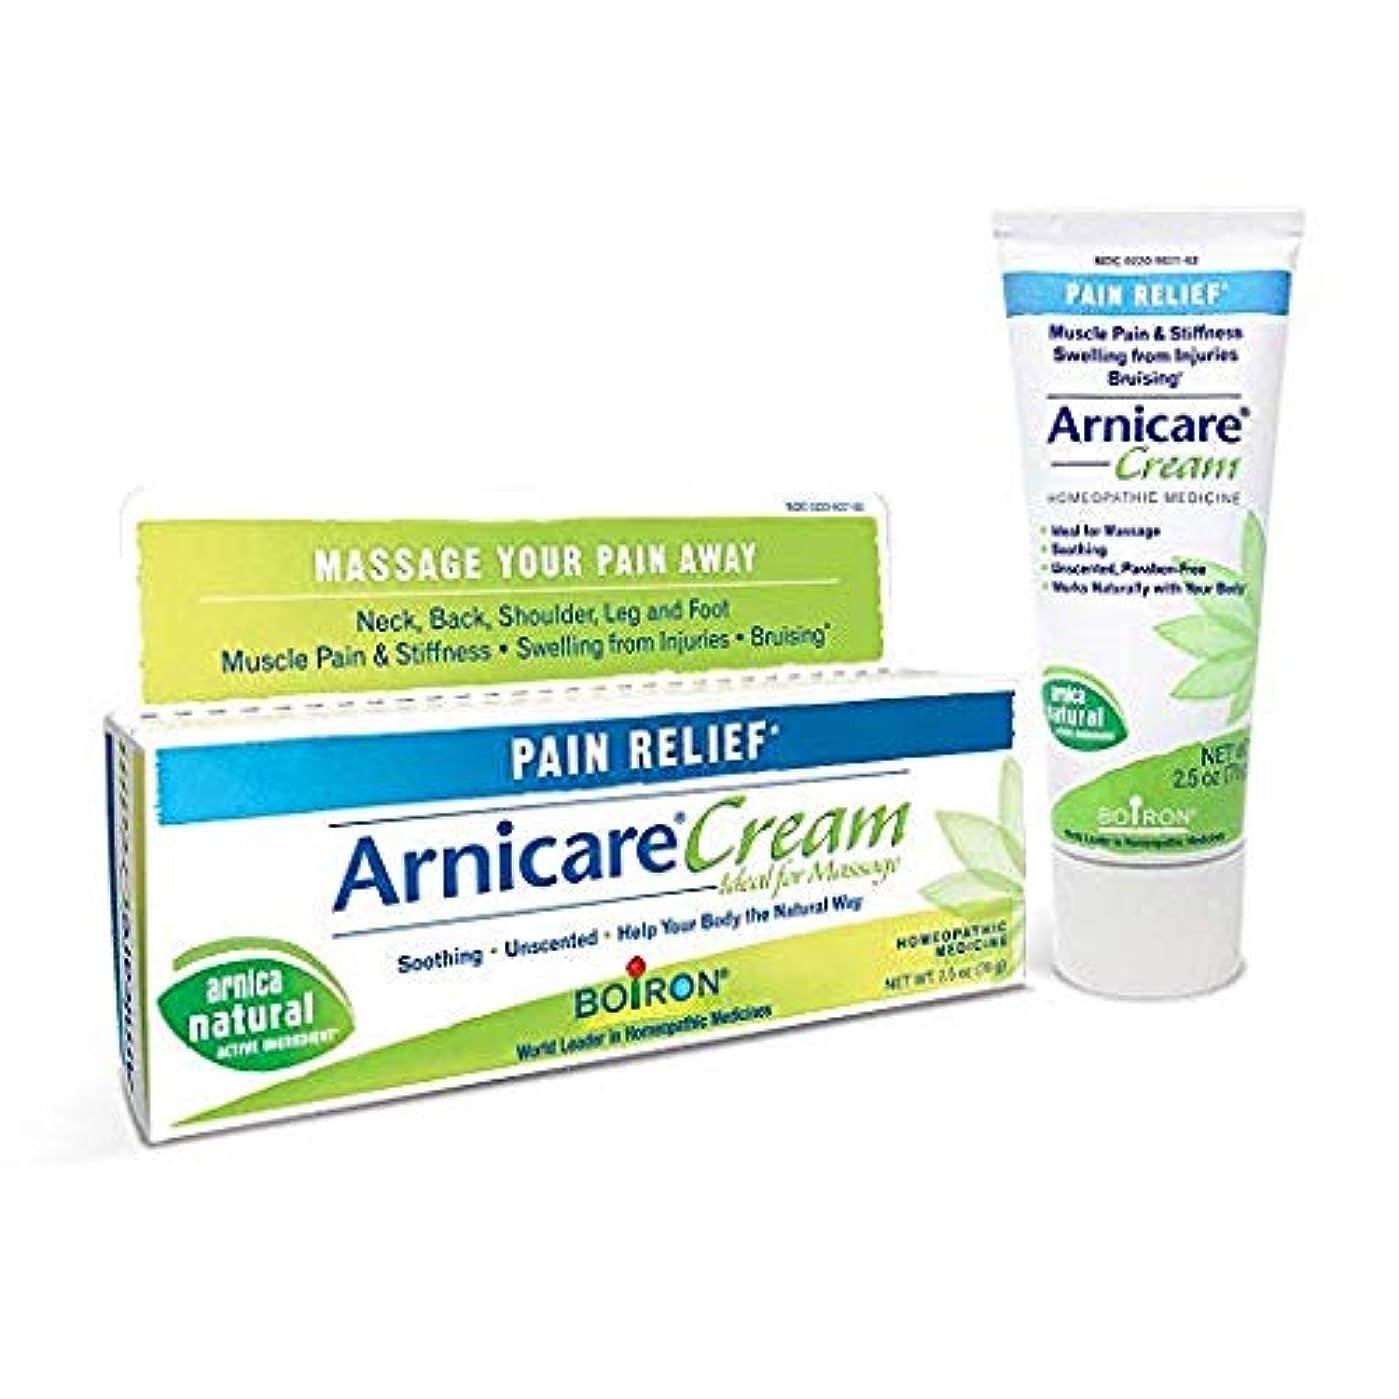 教養がある絶えず理想的ボイロン アルニカクリーム Boiron Arnicare Cream 2.5 Ounces Topical Pain Relief Cream [並行輸入品]